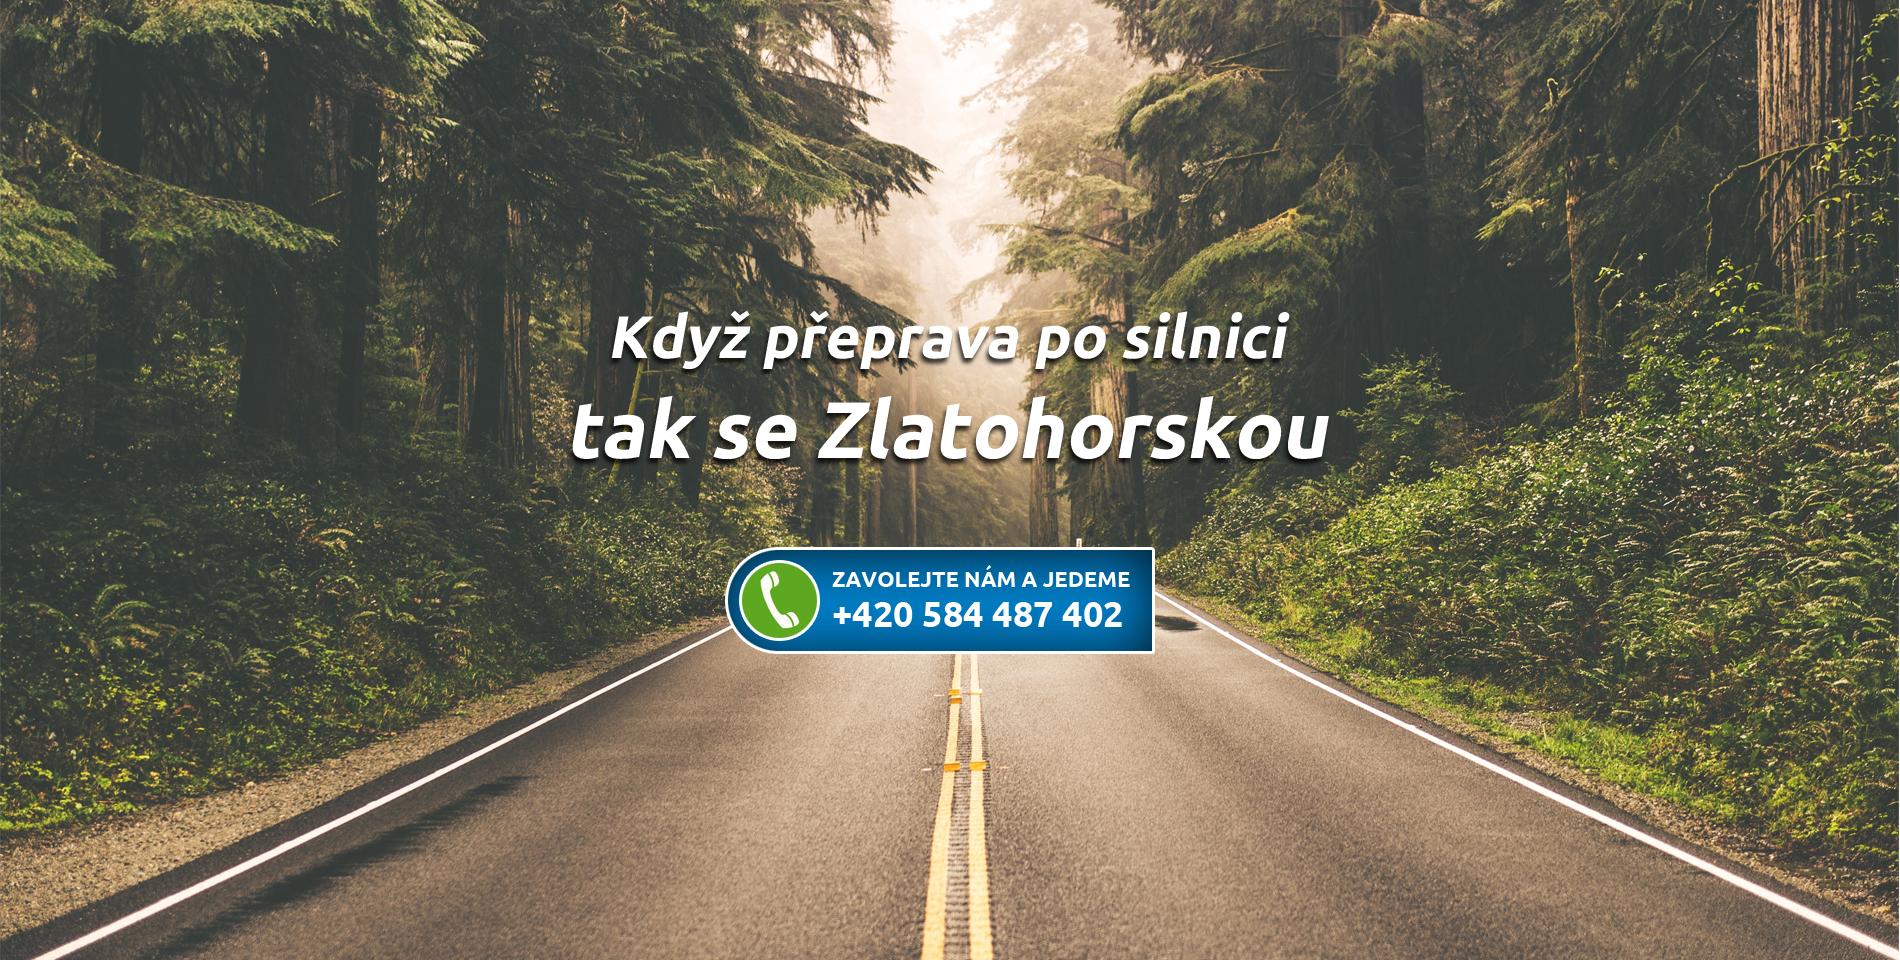 ZLATOHORSKÁ AUTODOPRAVA - kontakt na dopravce